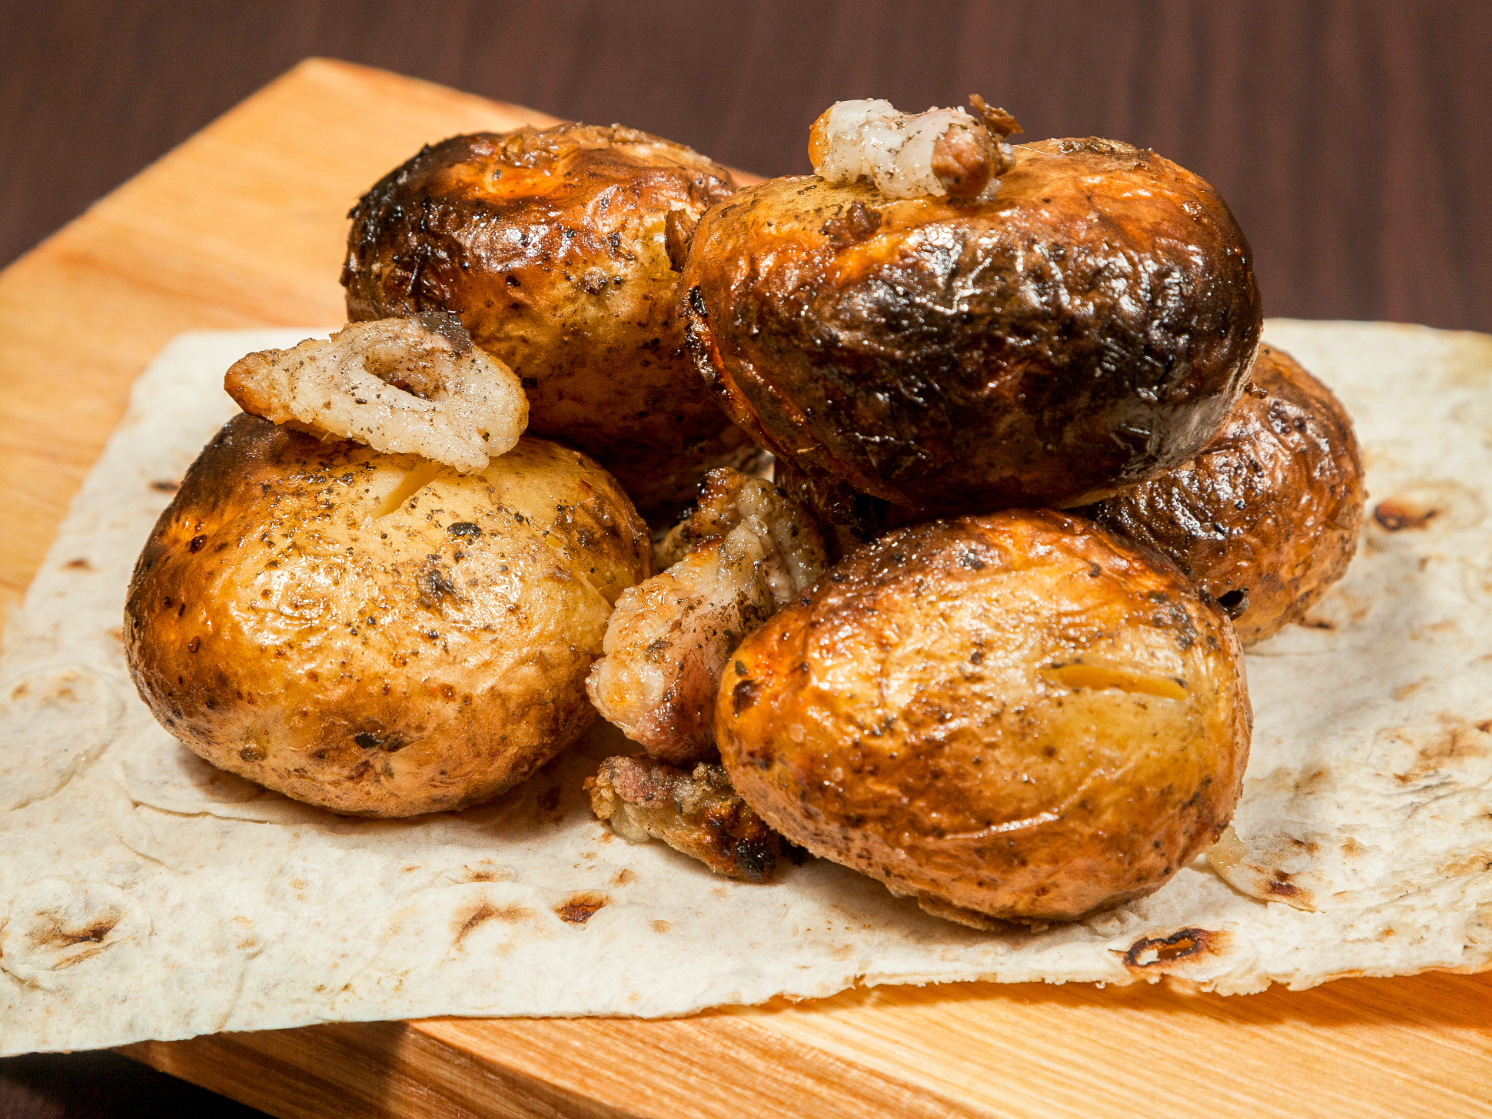 Картошка с курдюком